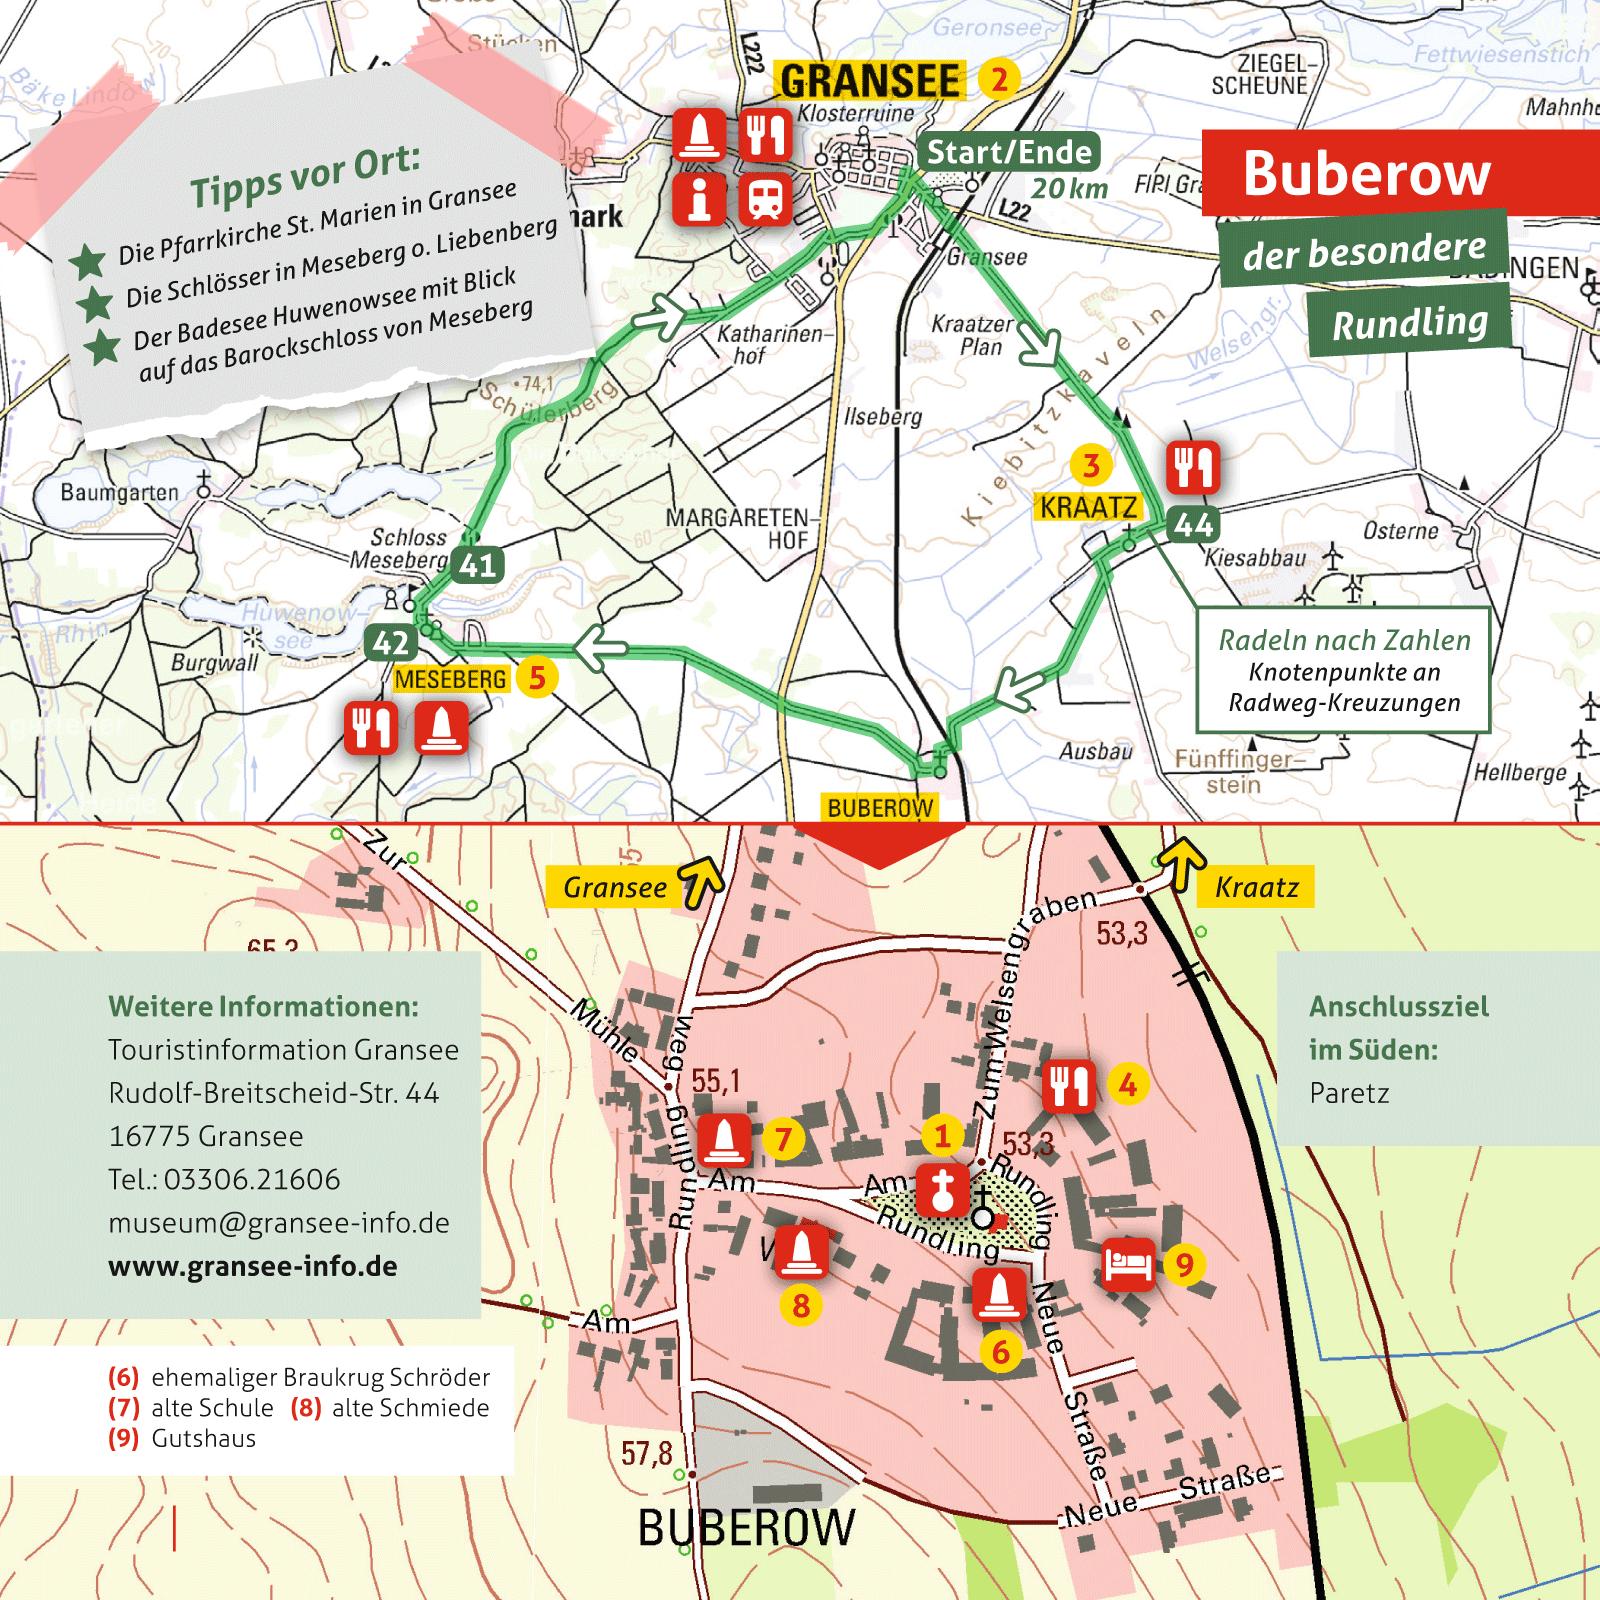 Ausflugskarte von Buberow